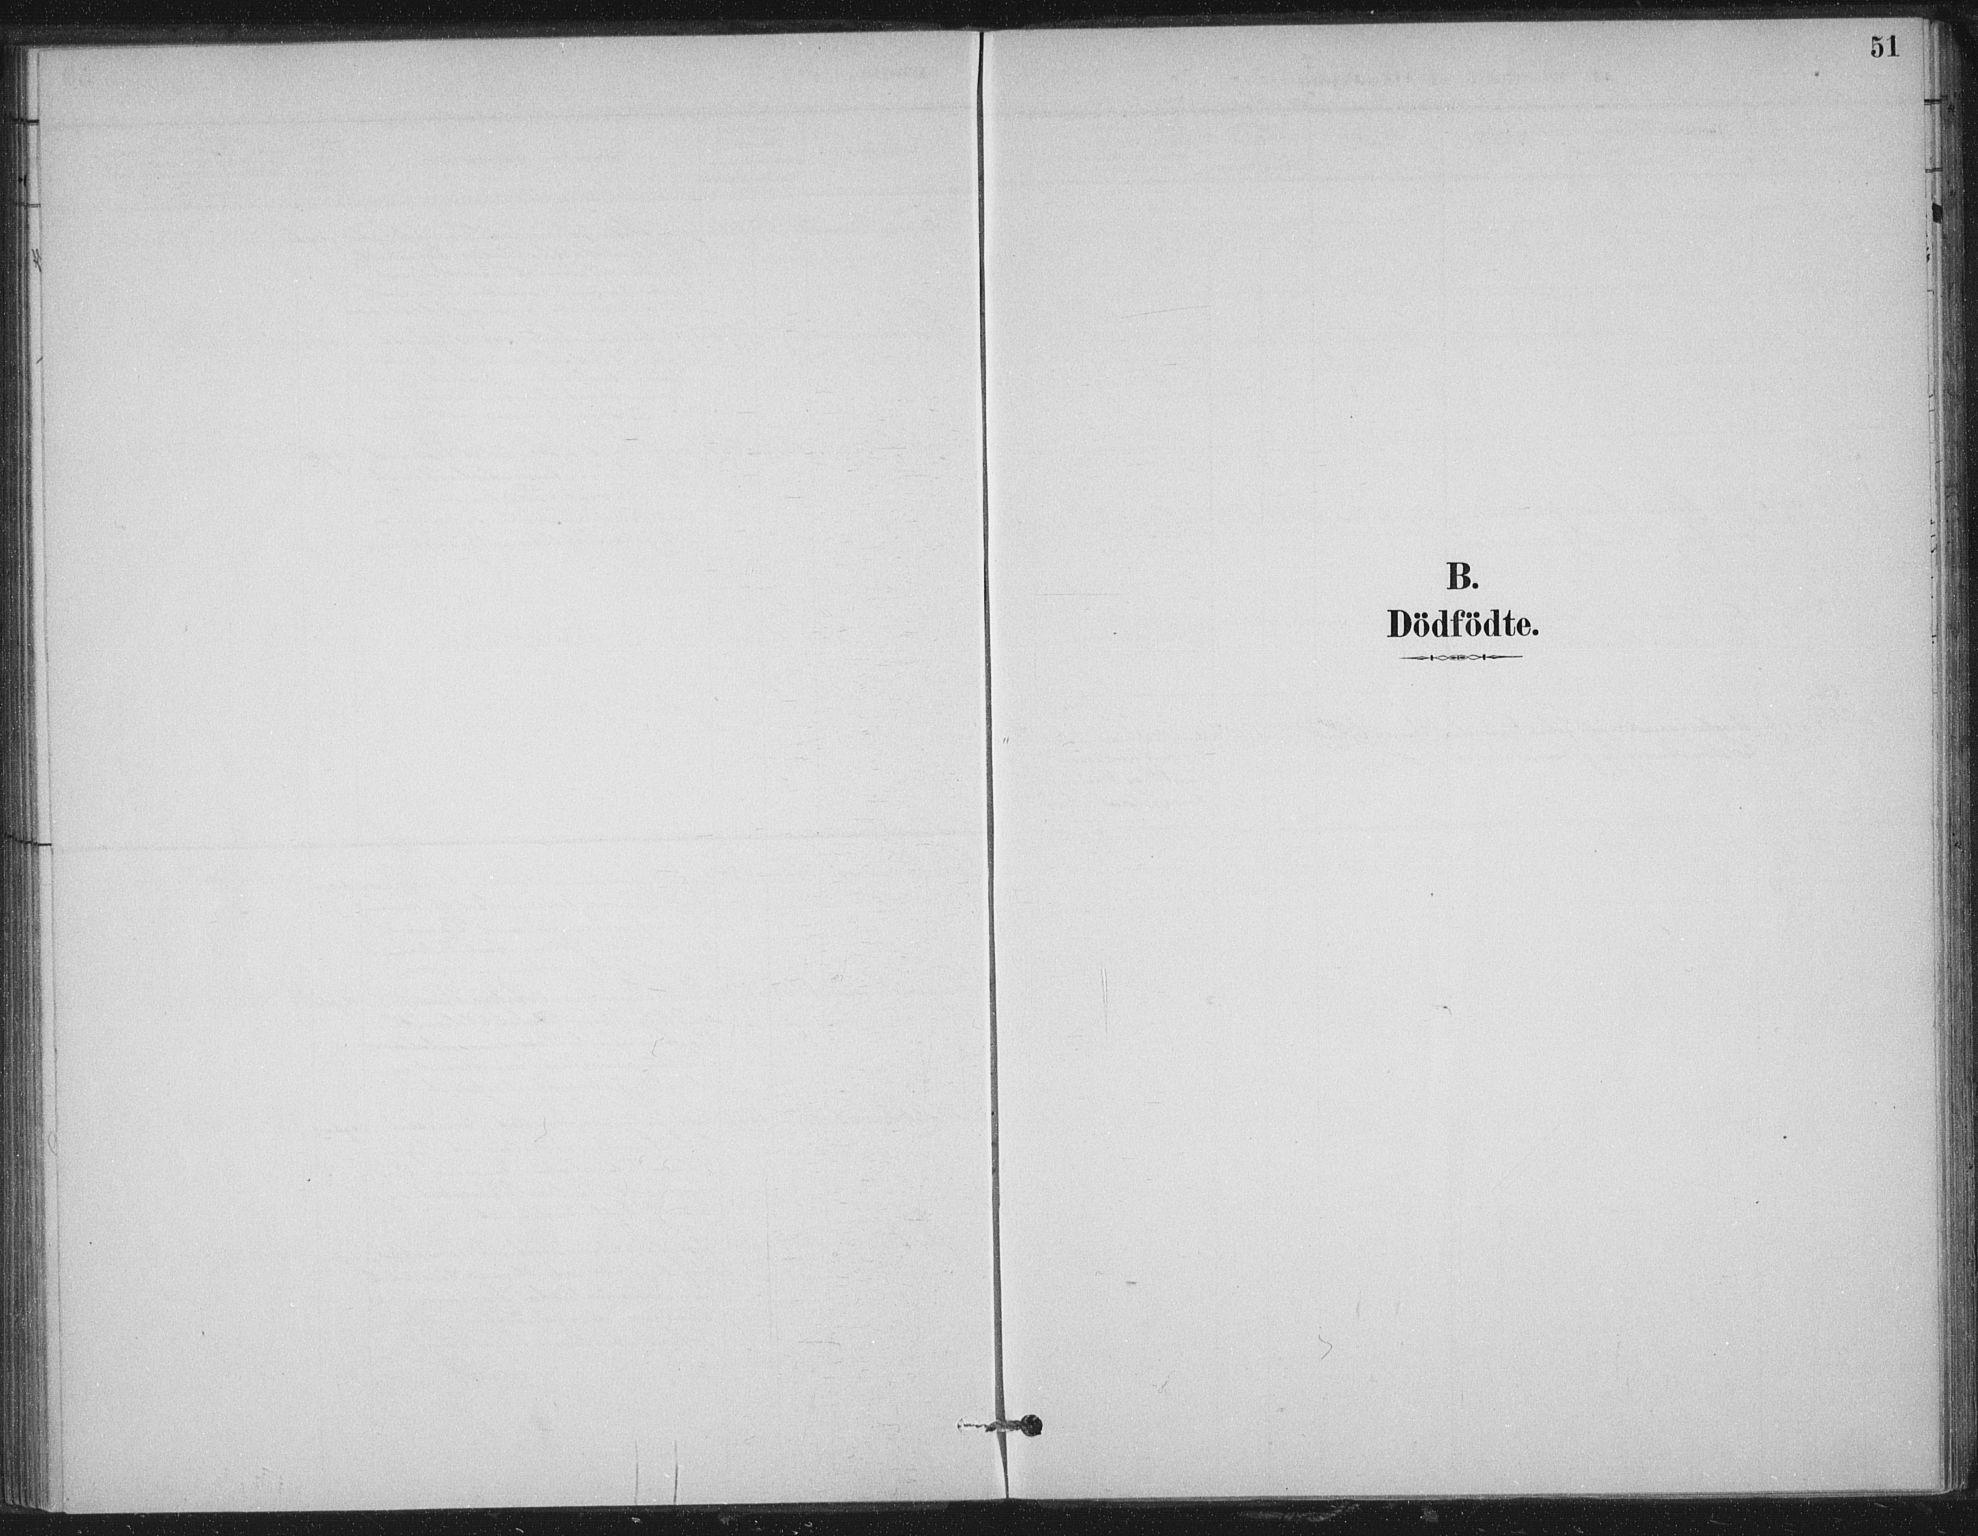 SAT, Ministerialprotokoller, klokkerbøker og fødselsregistre - Nord-Trøndelag, 702/L0023: Ministerialbok nr. 702A01, 1883-1897, s. 51